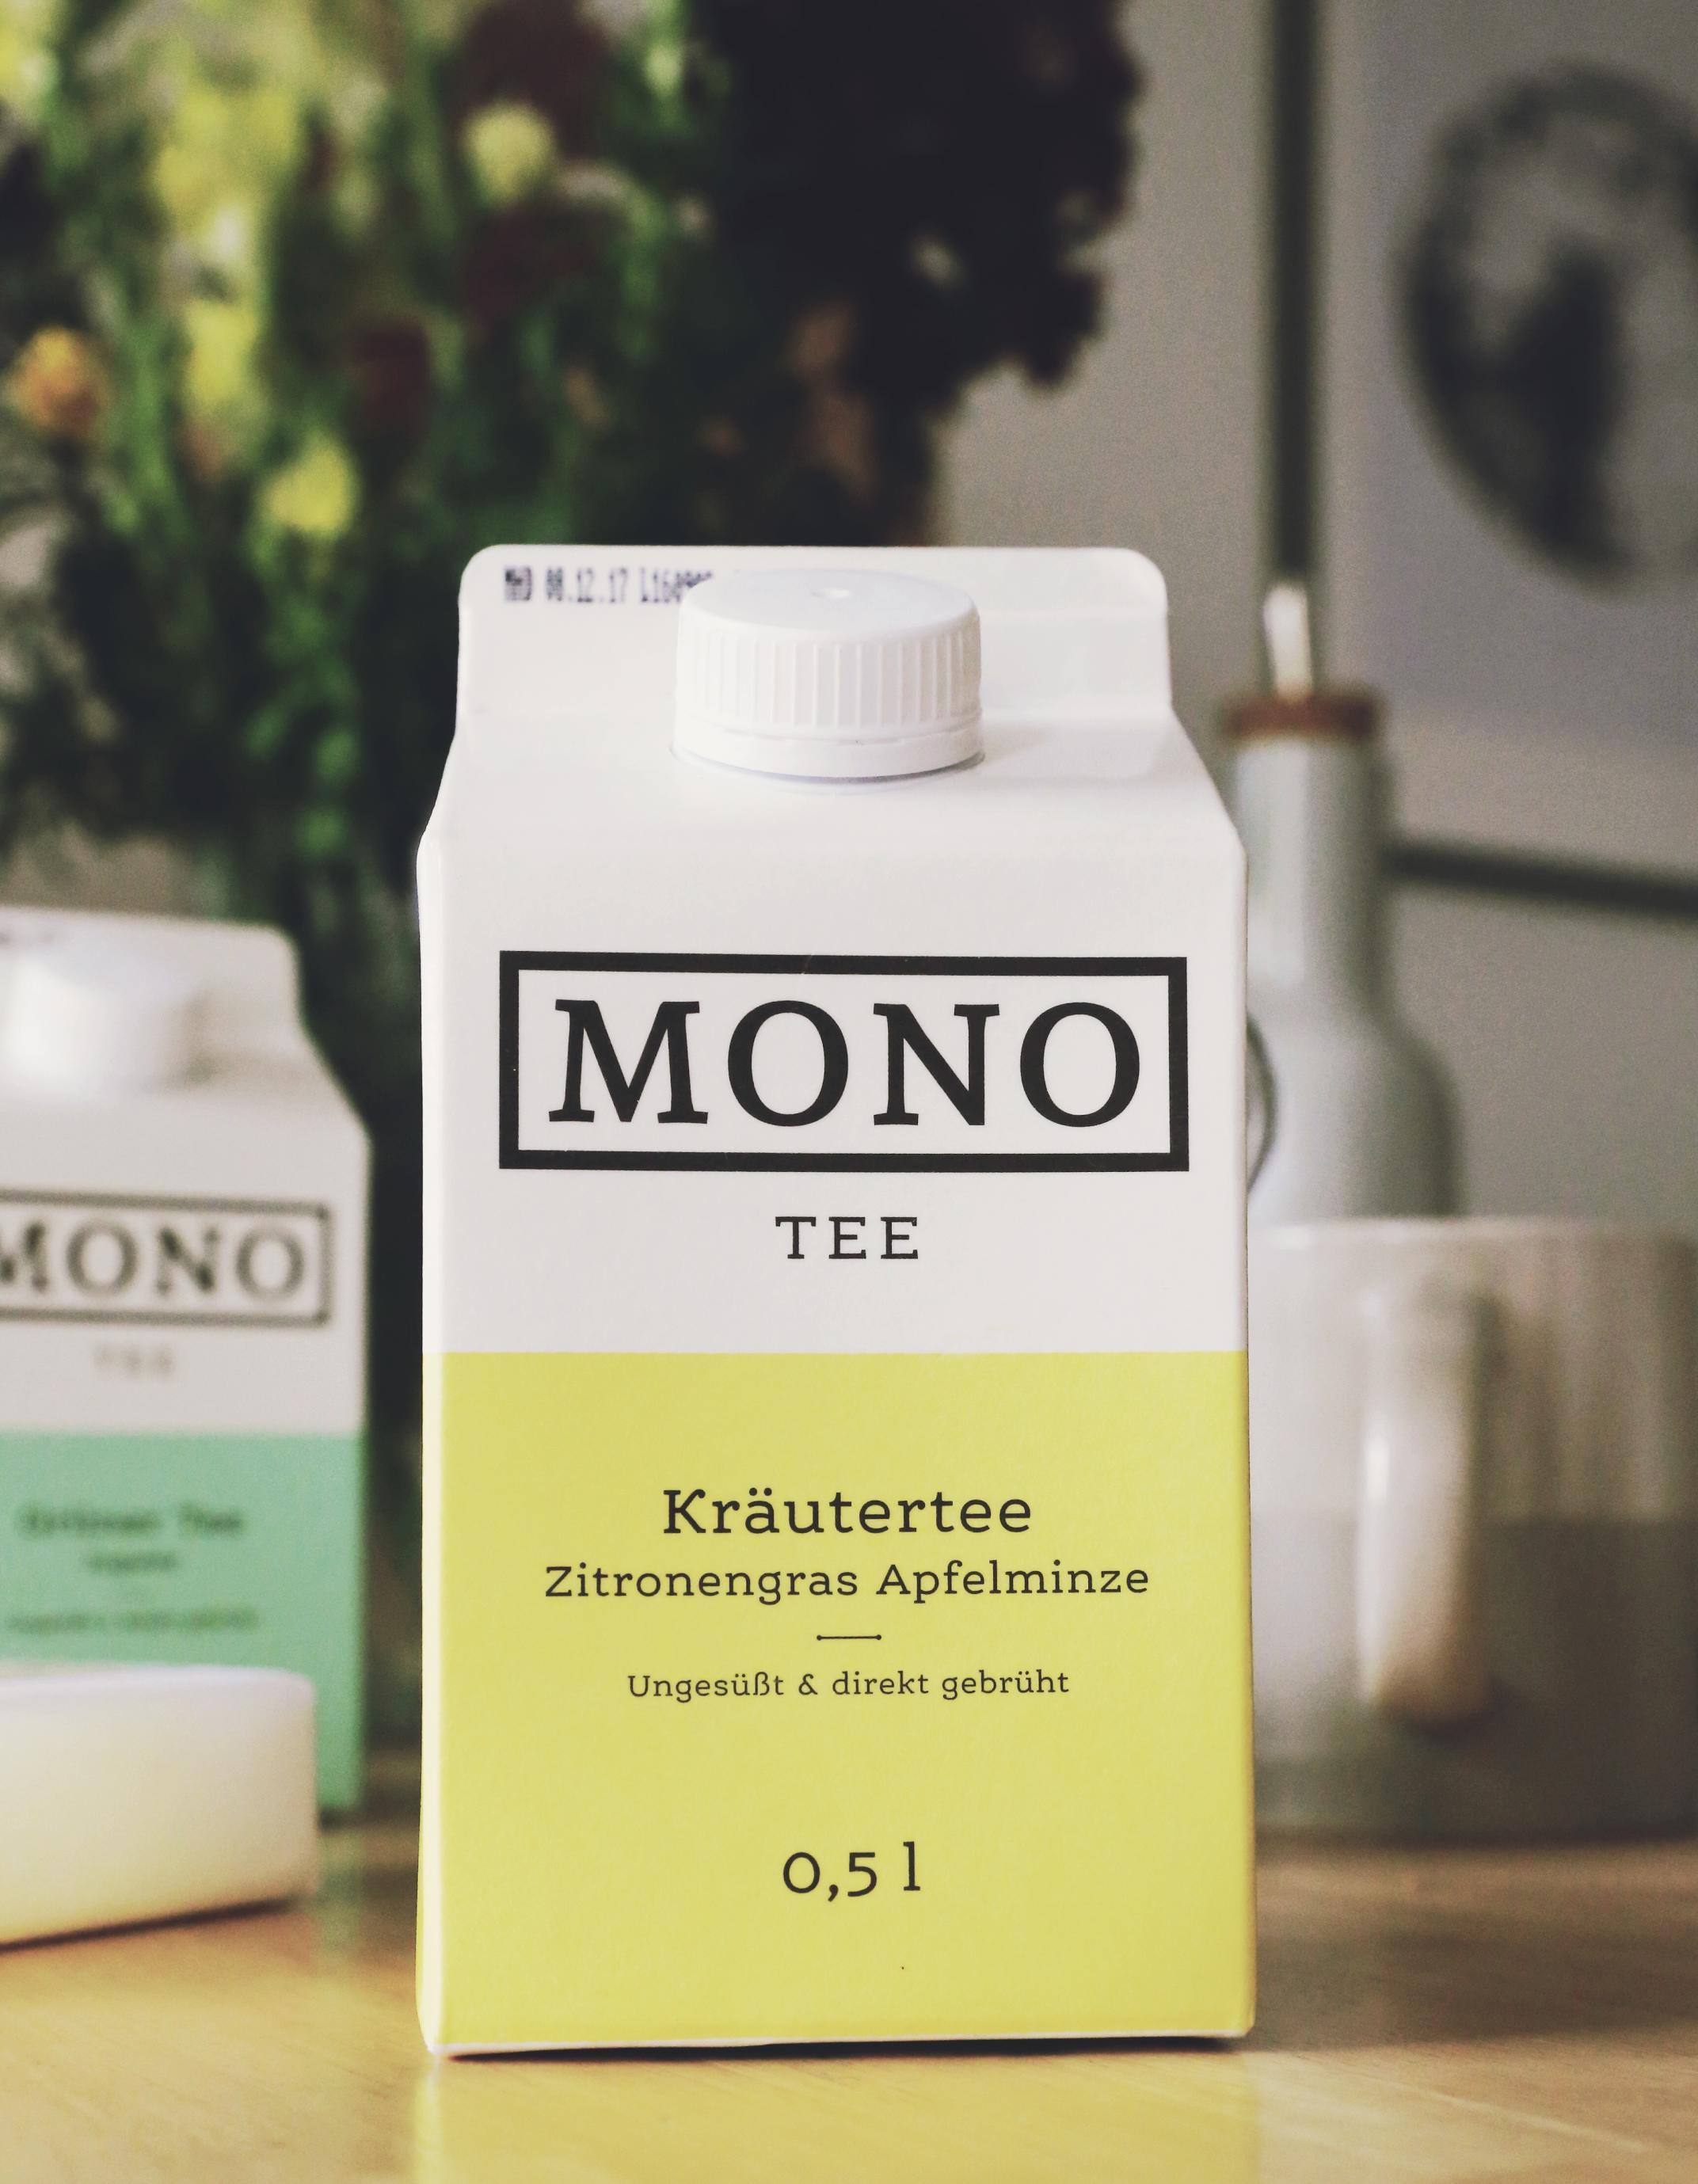 Der Mono Tee Kräuter Tee